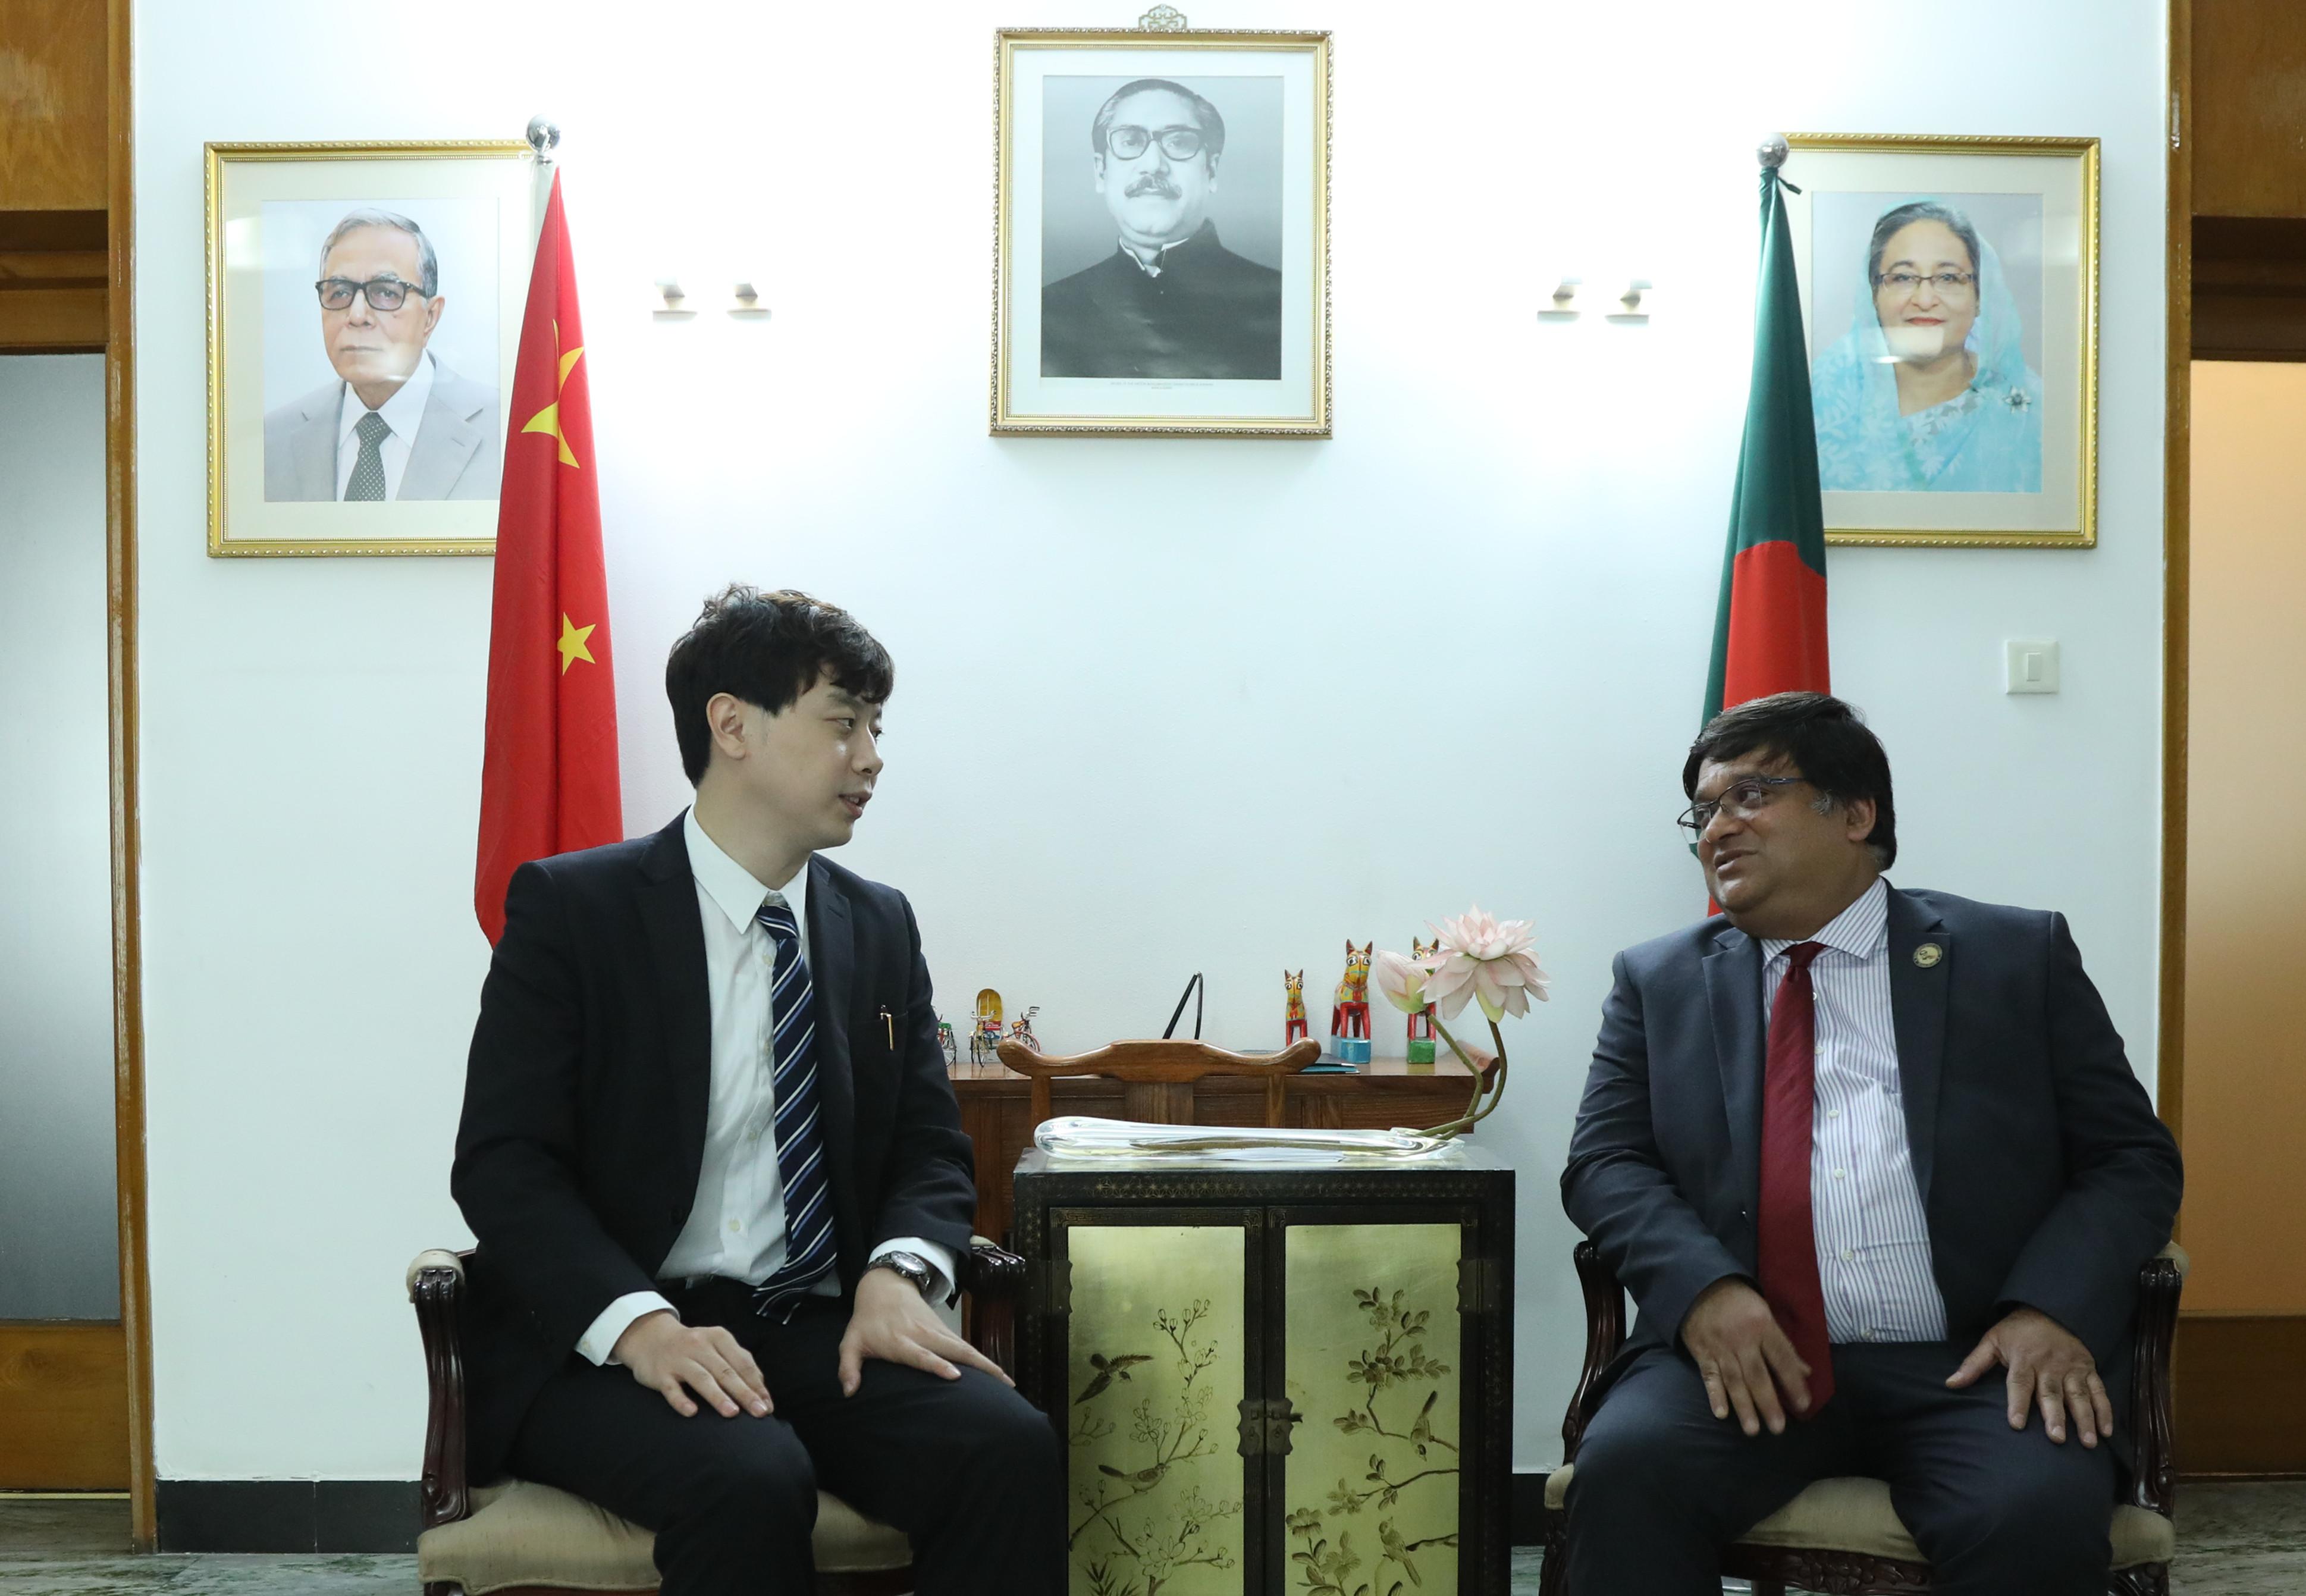 孟加拉驻华大使:马赫布·乌兹·扎曼